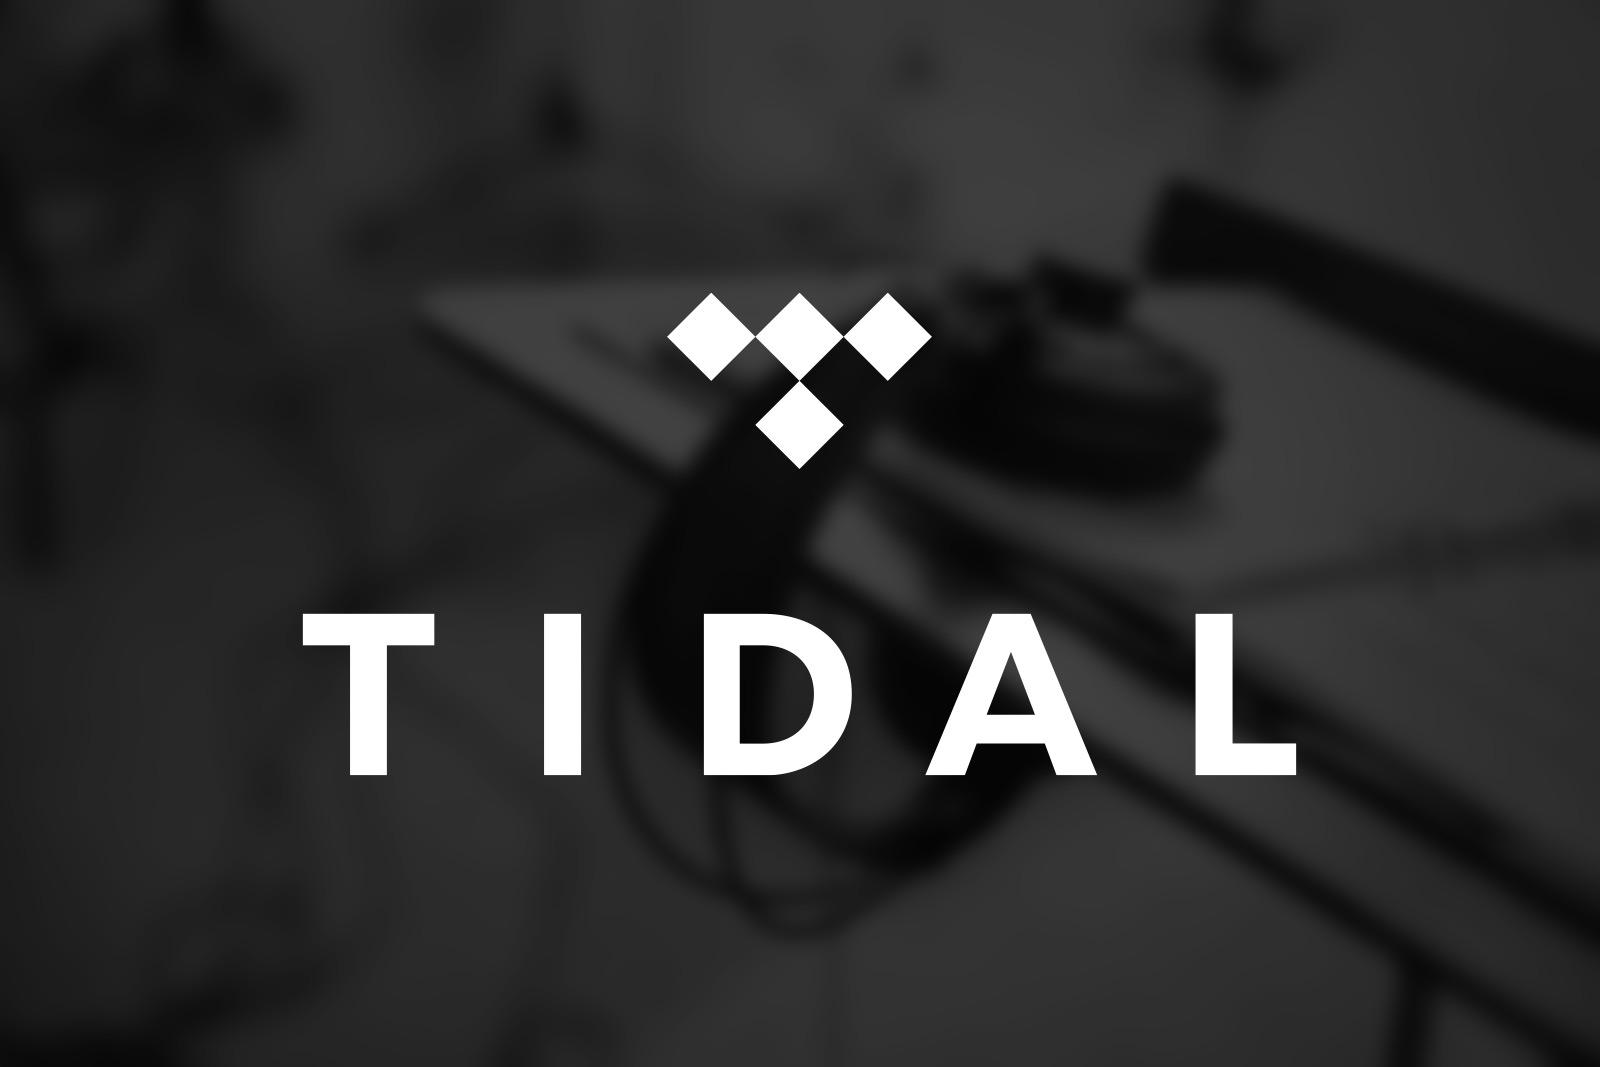 Tidal chega ao Brasil com streaming de músicas lossless por R$ 29,80 – Tecnoblog